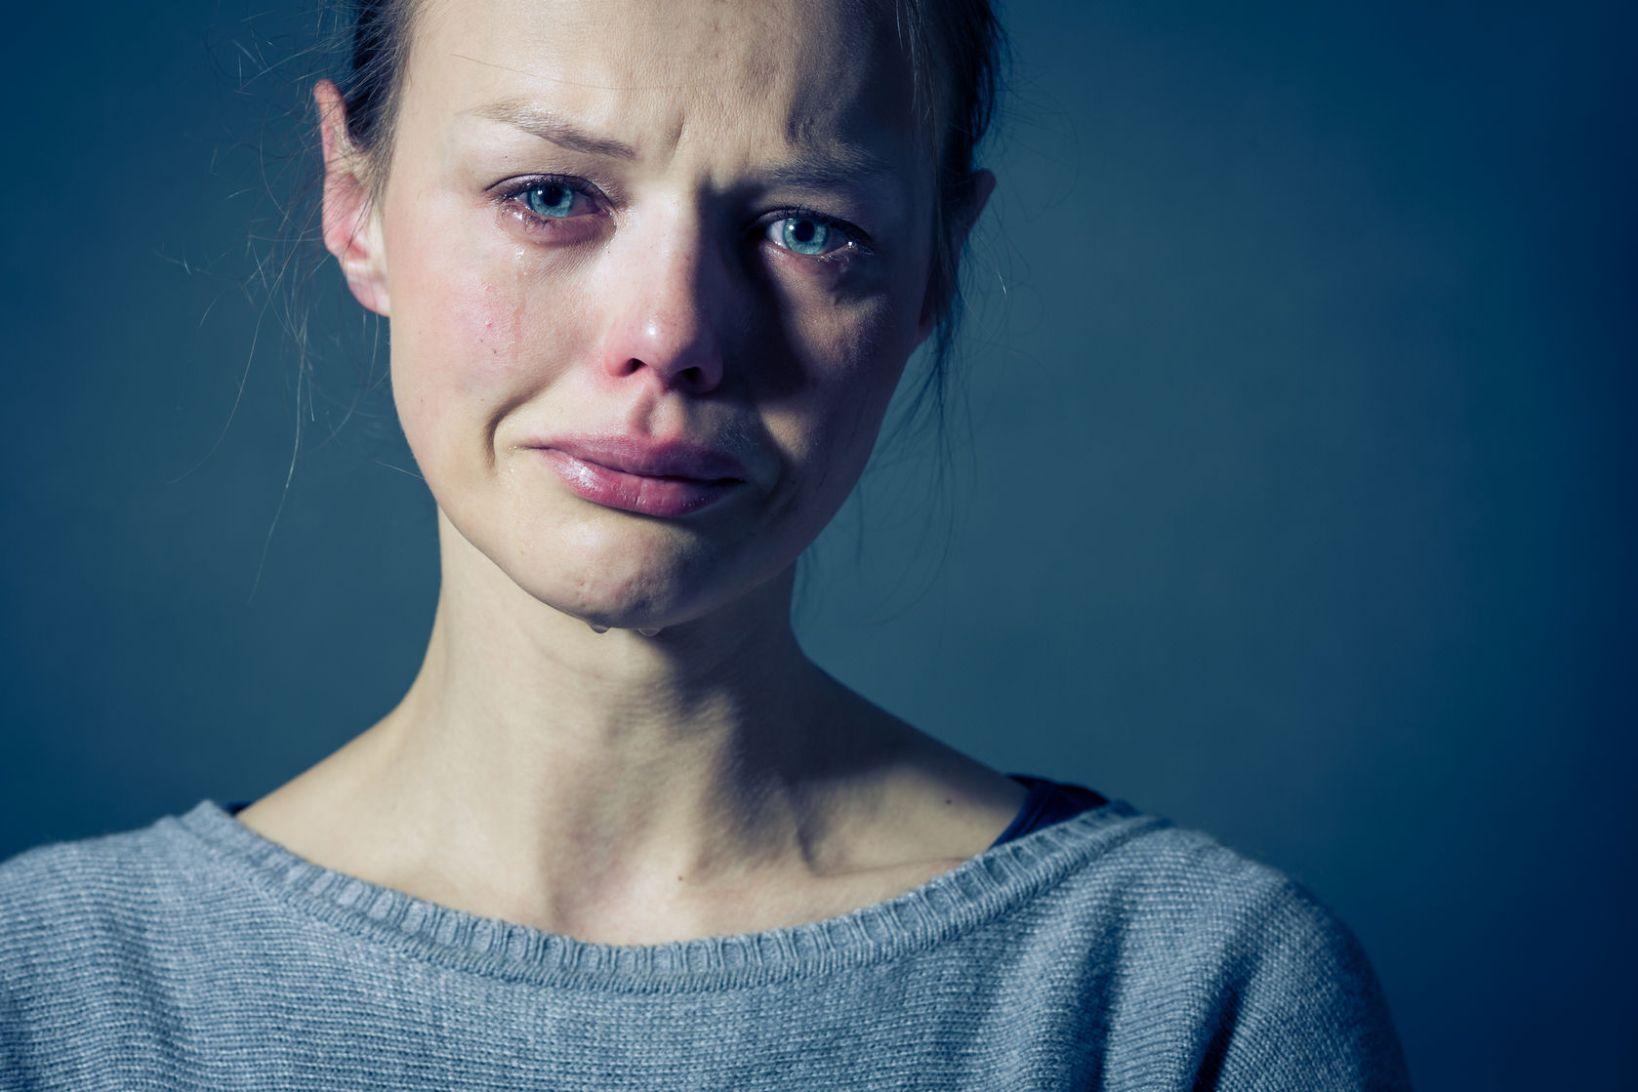 이별의 아픔을 쉽게 극복한 사람들의 3가지 비결